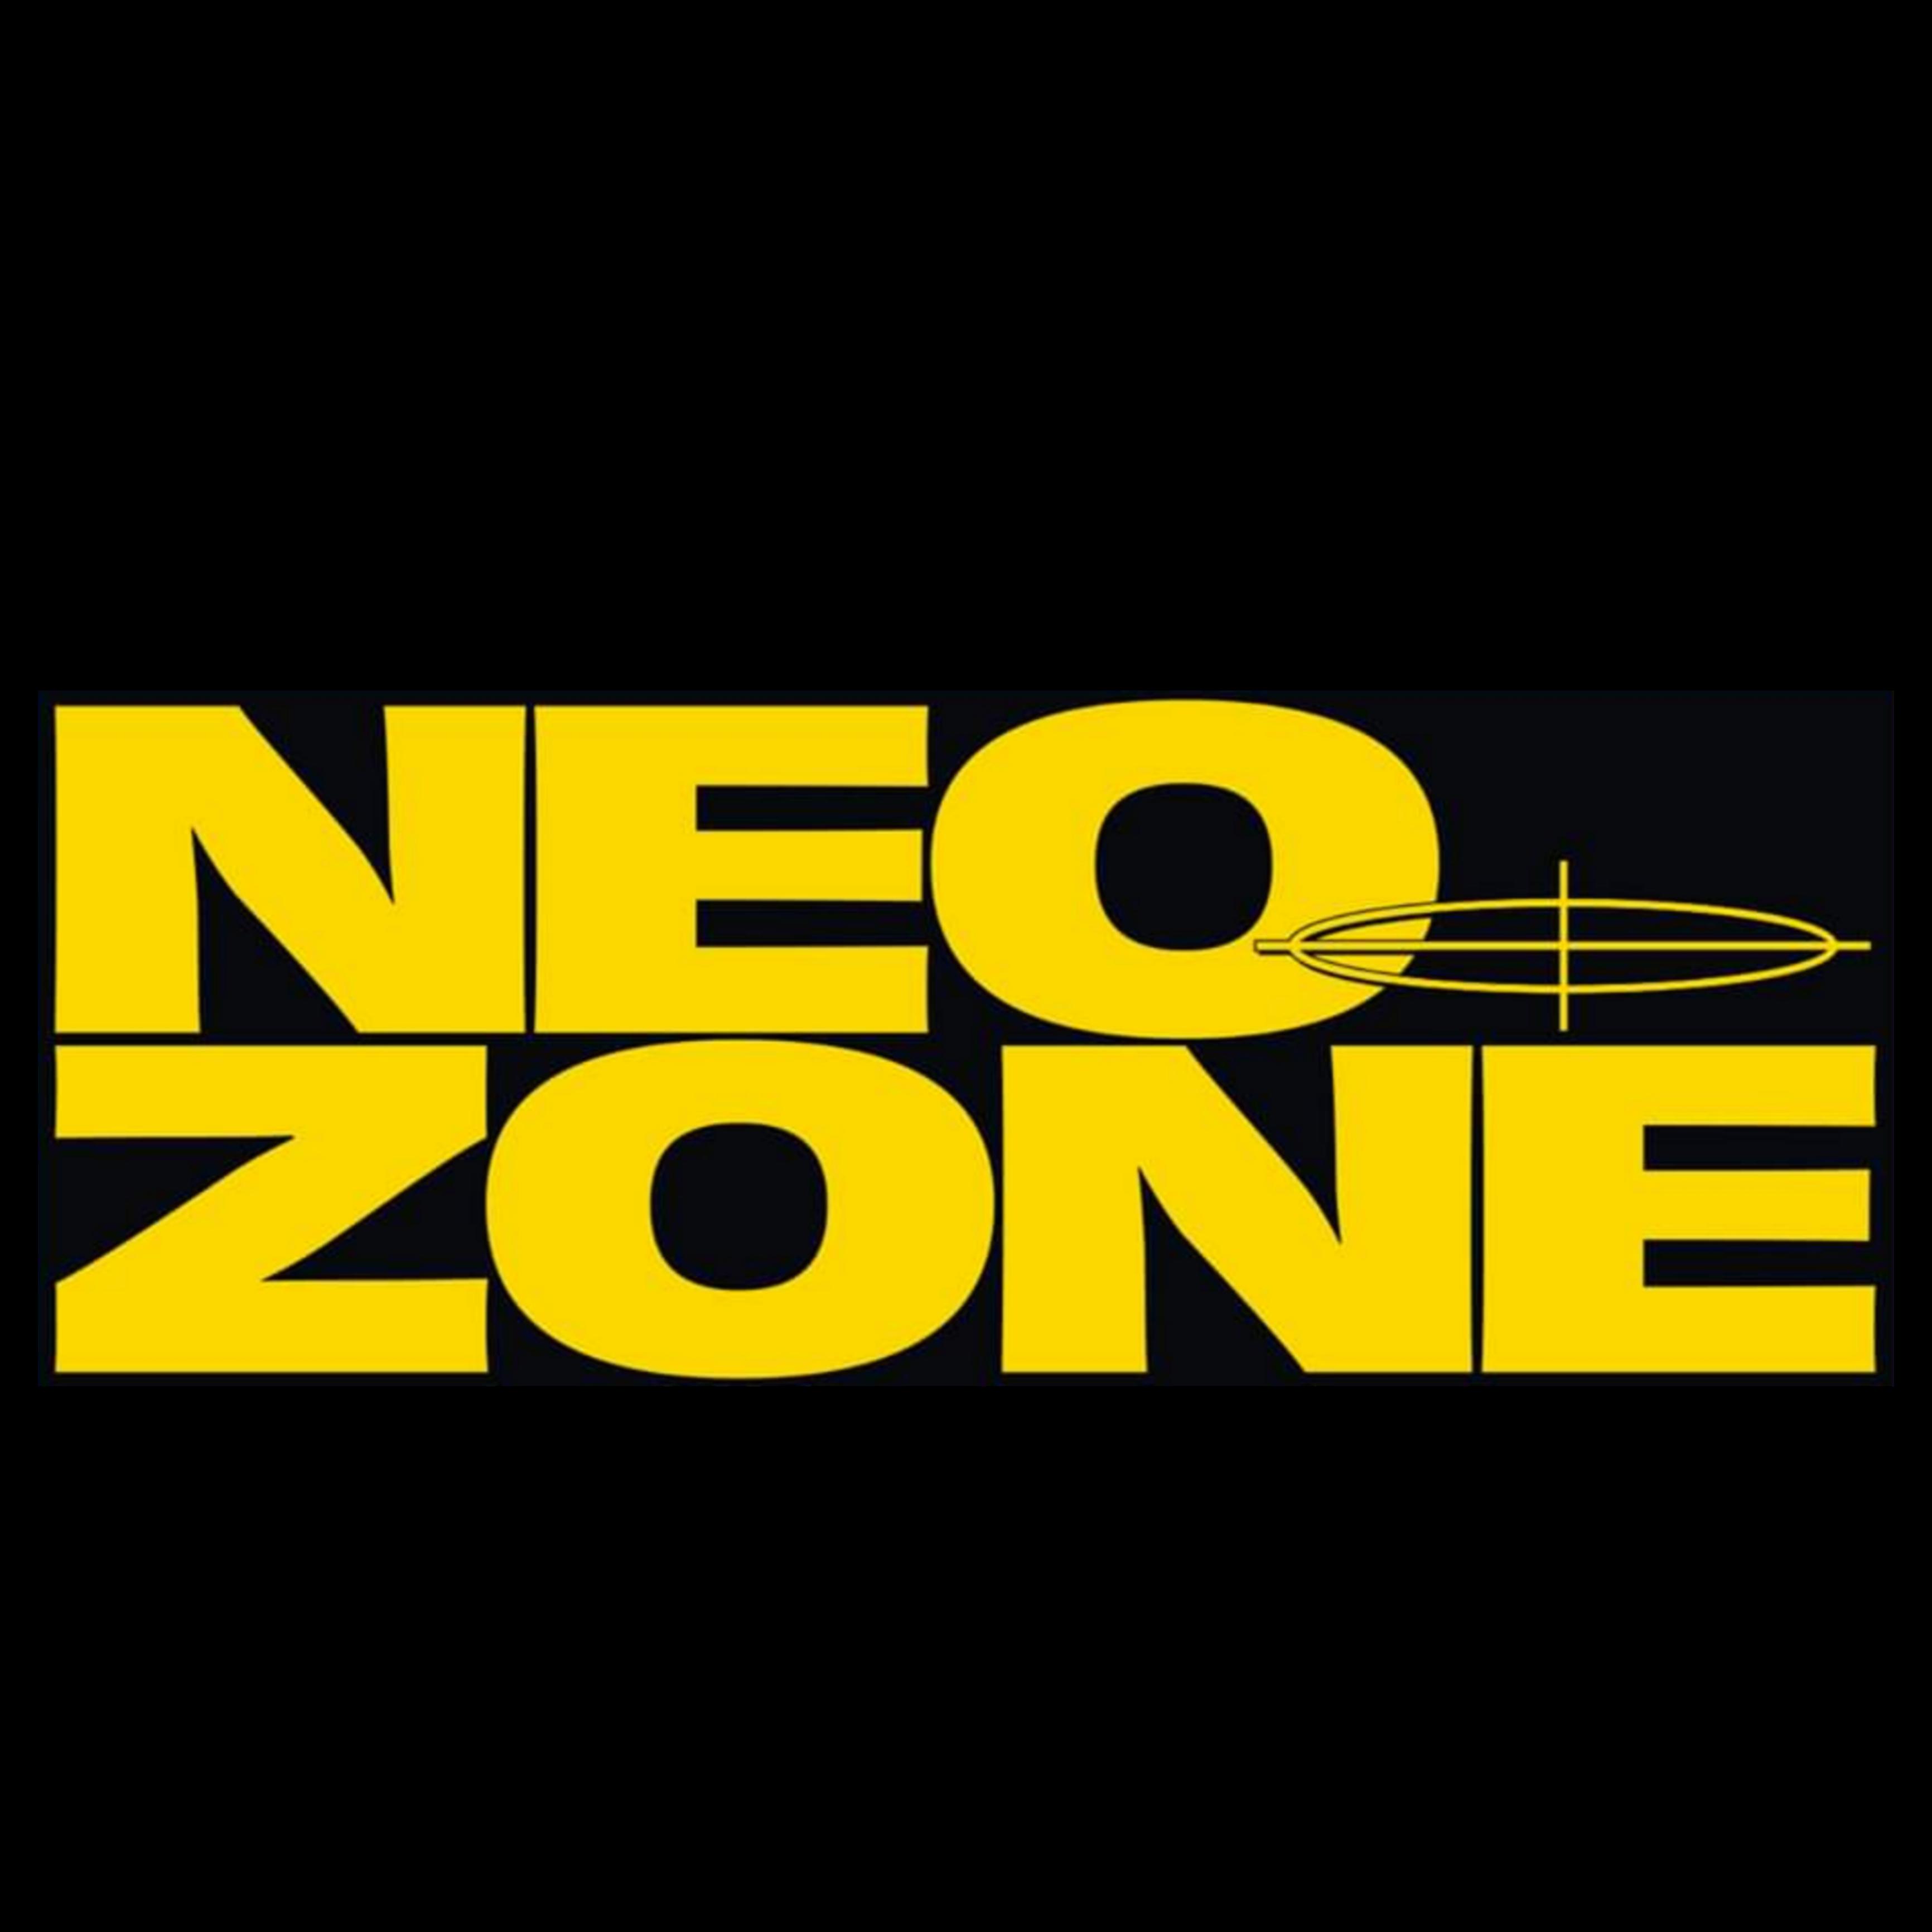 Neo Zone Desain Stiker Stiker Nct